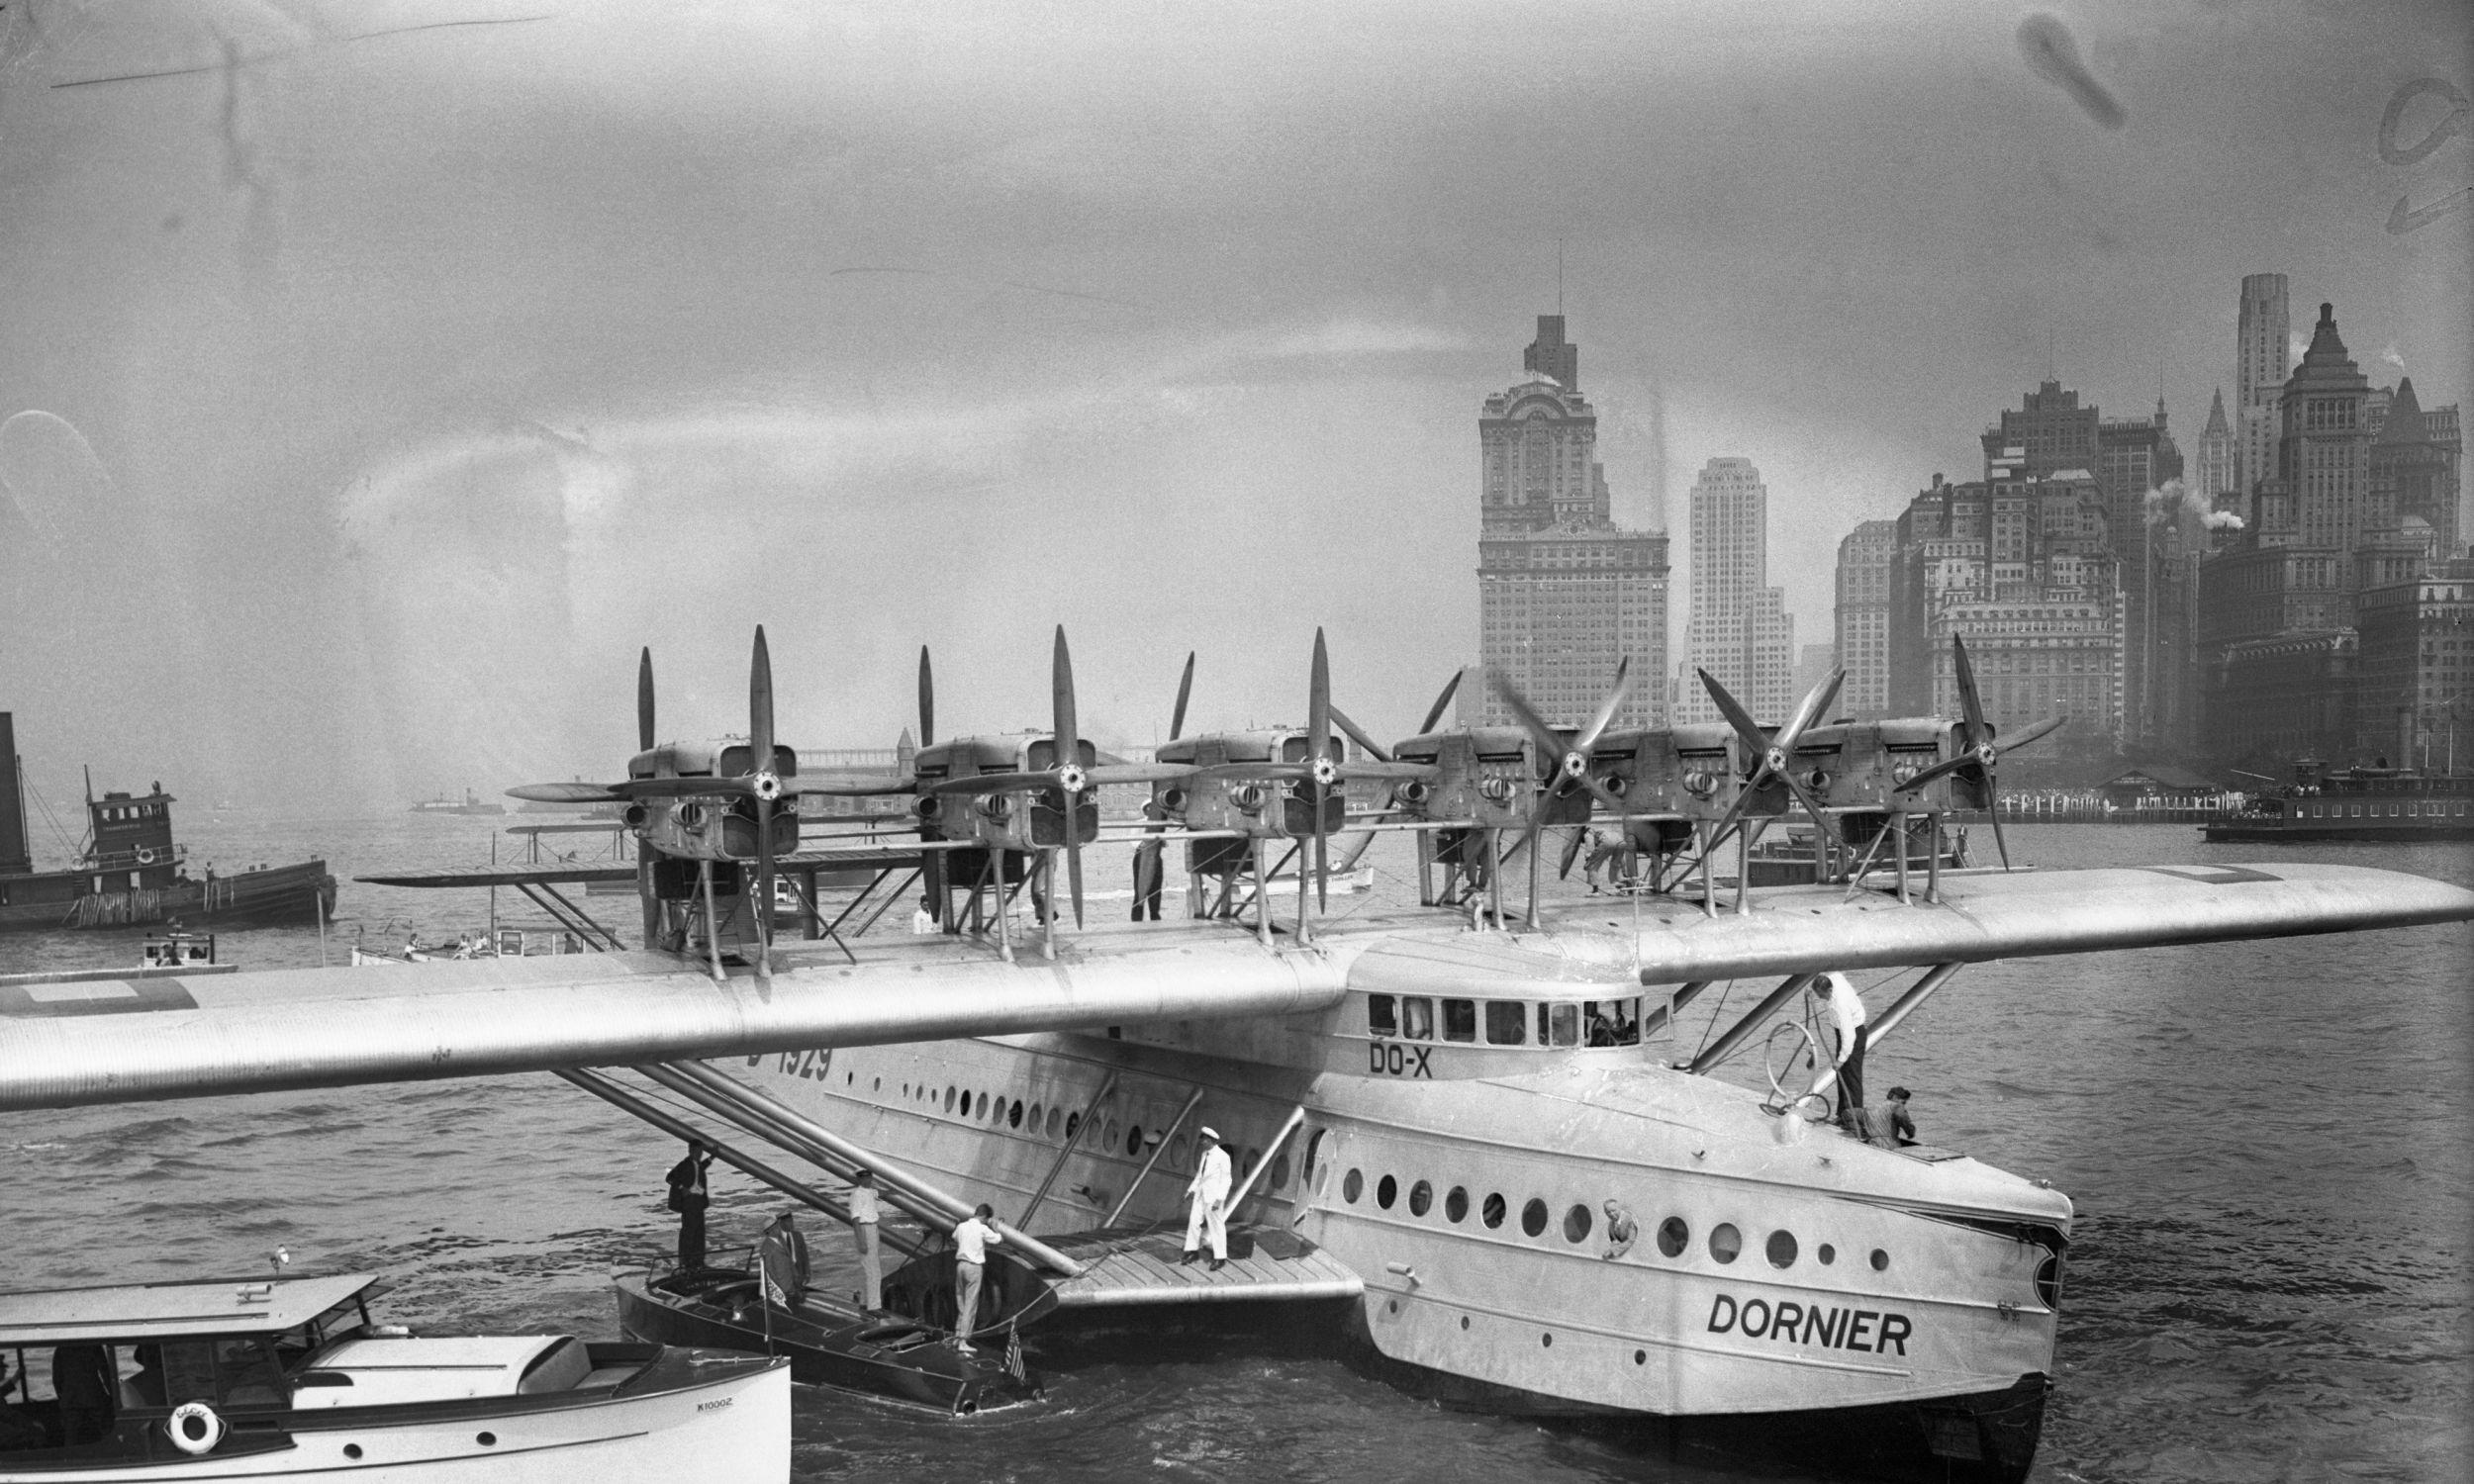 Niemiecki Dornier DO-X, największa w owym czasie maszyna szczęśliwie wylądowała w Nowym Jorku. 60 pasażerów zakończyło podróż, która rozpoczęła się na Jeziorze Bodeńskim. Fot. Getty Images